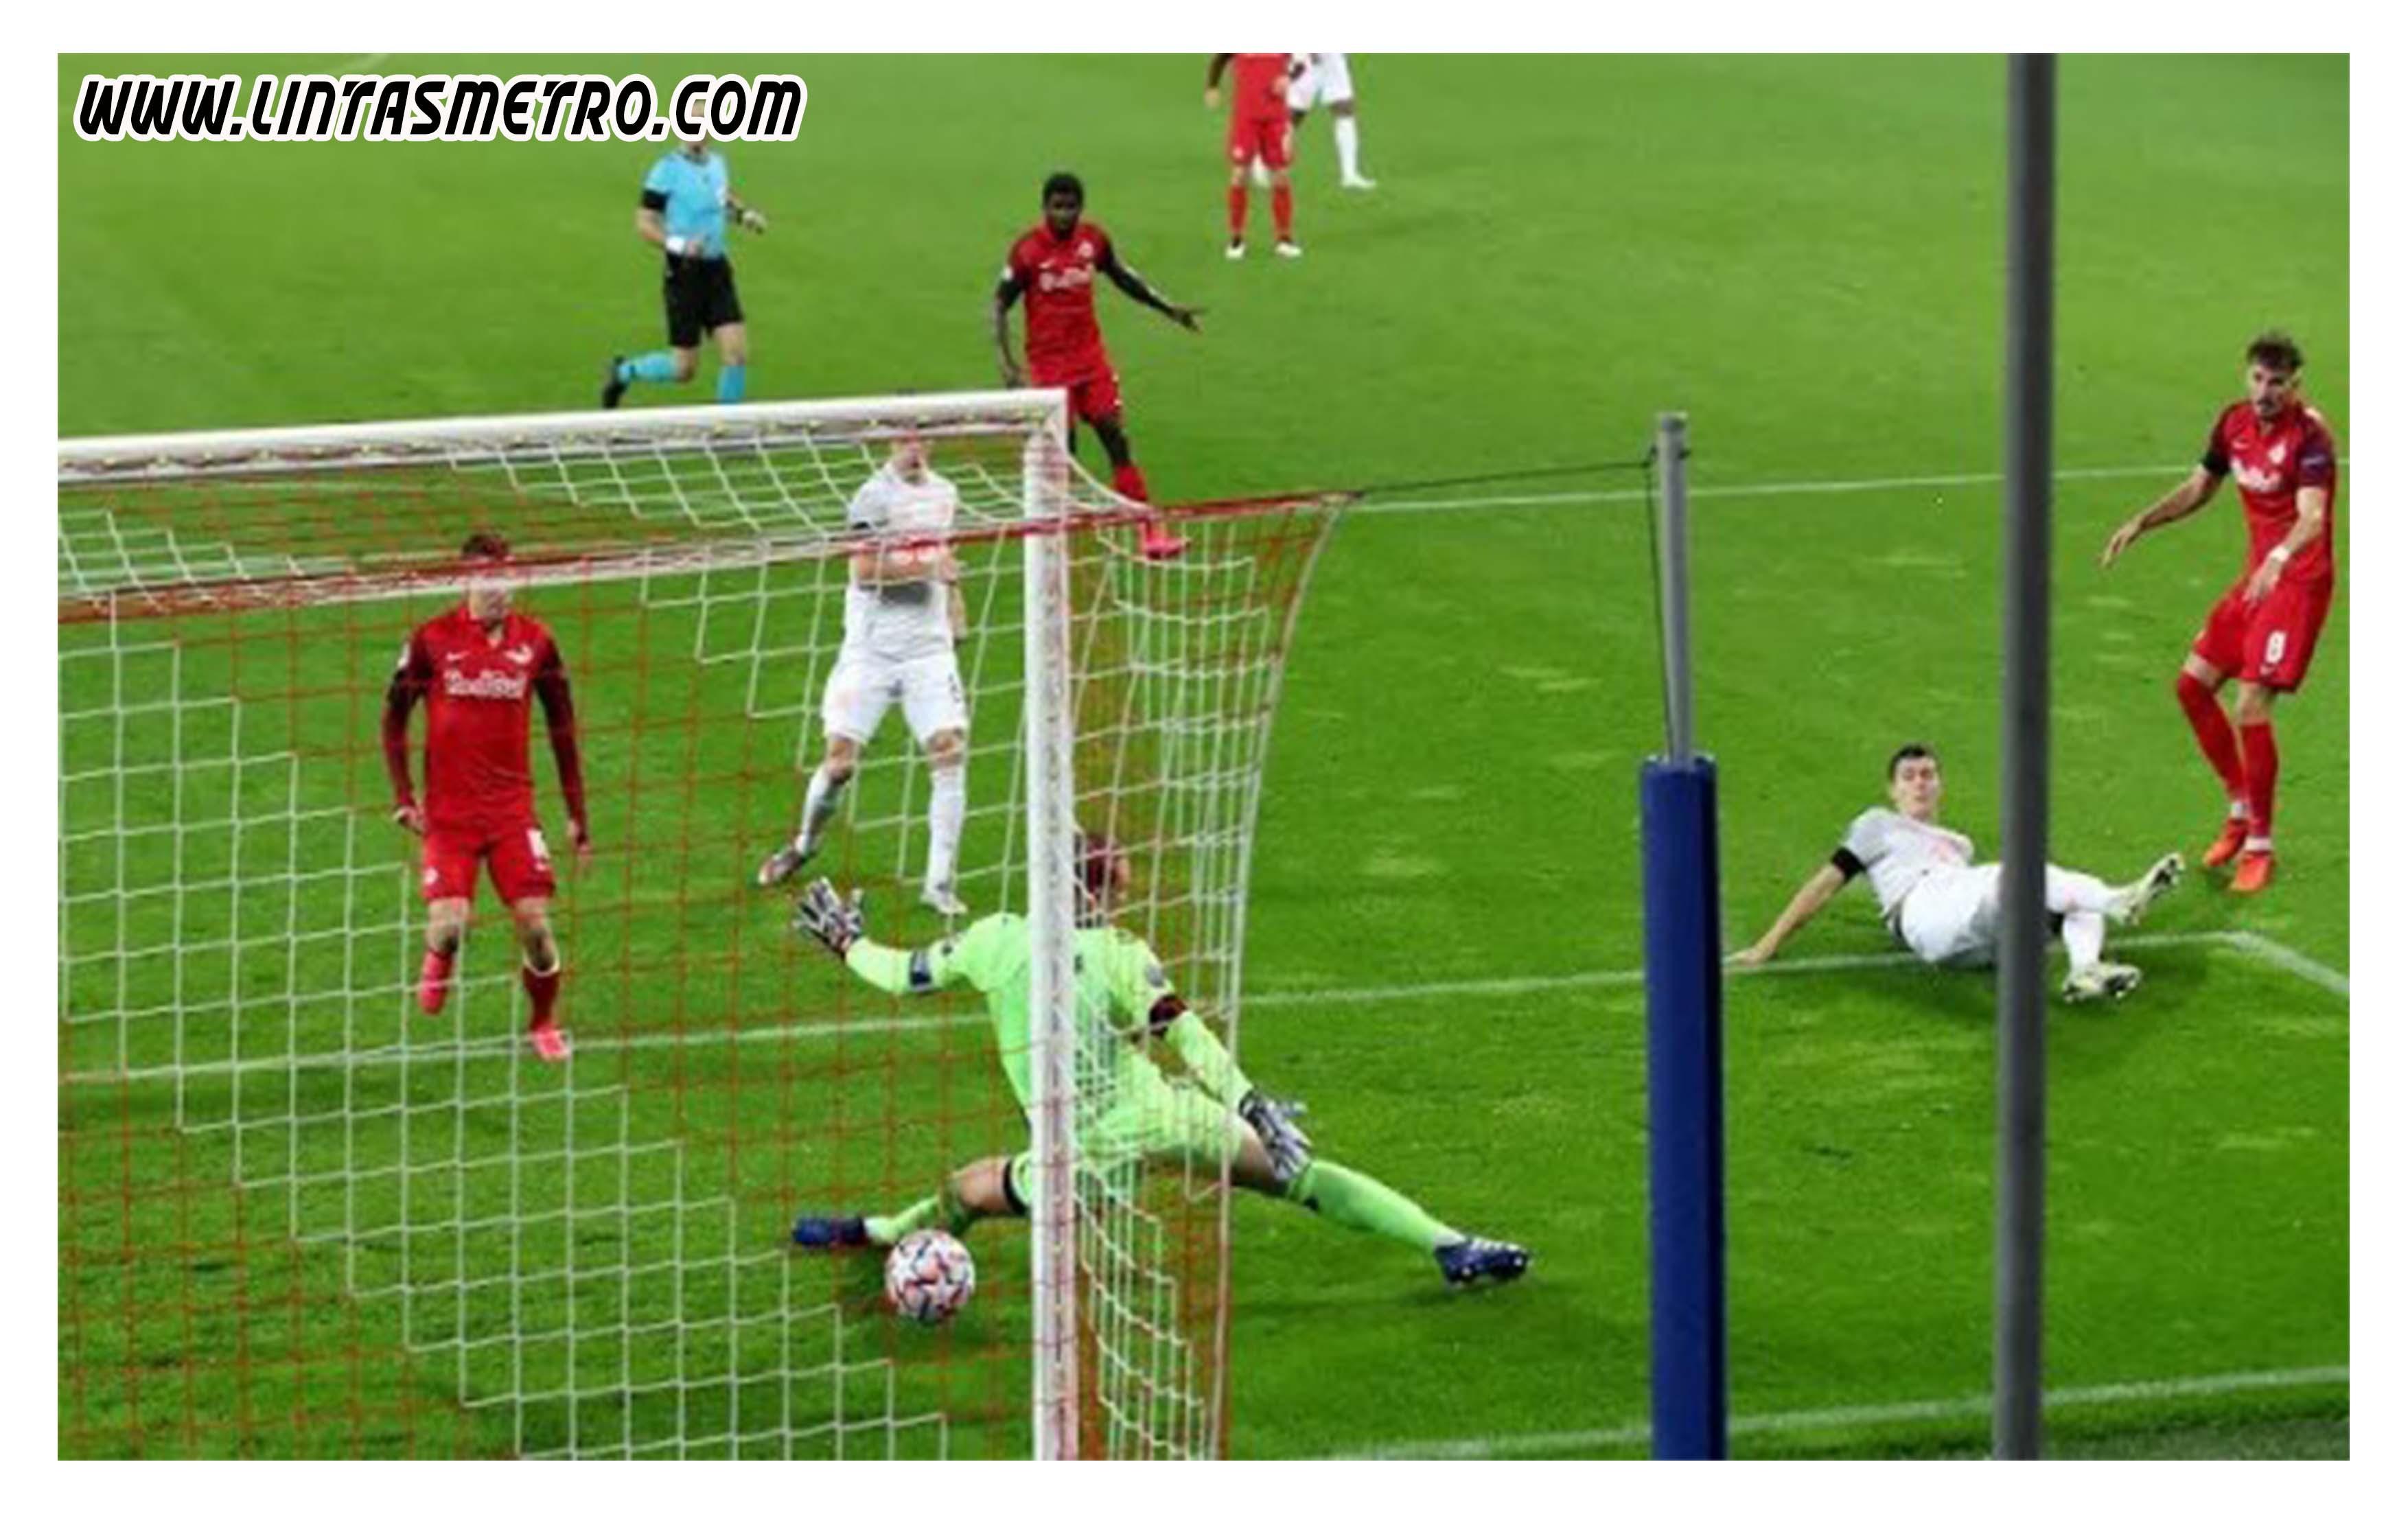 Bayern Munchen vs RB Salzburg Prediksi Liga Champions 2020/21